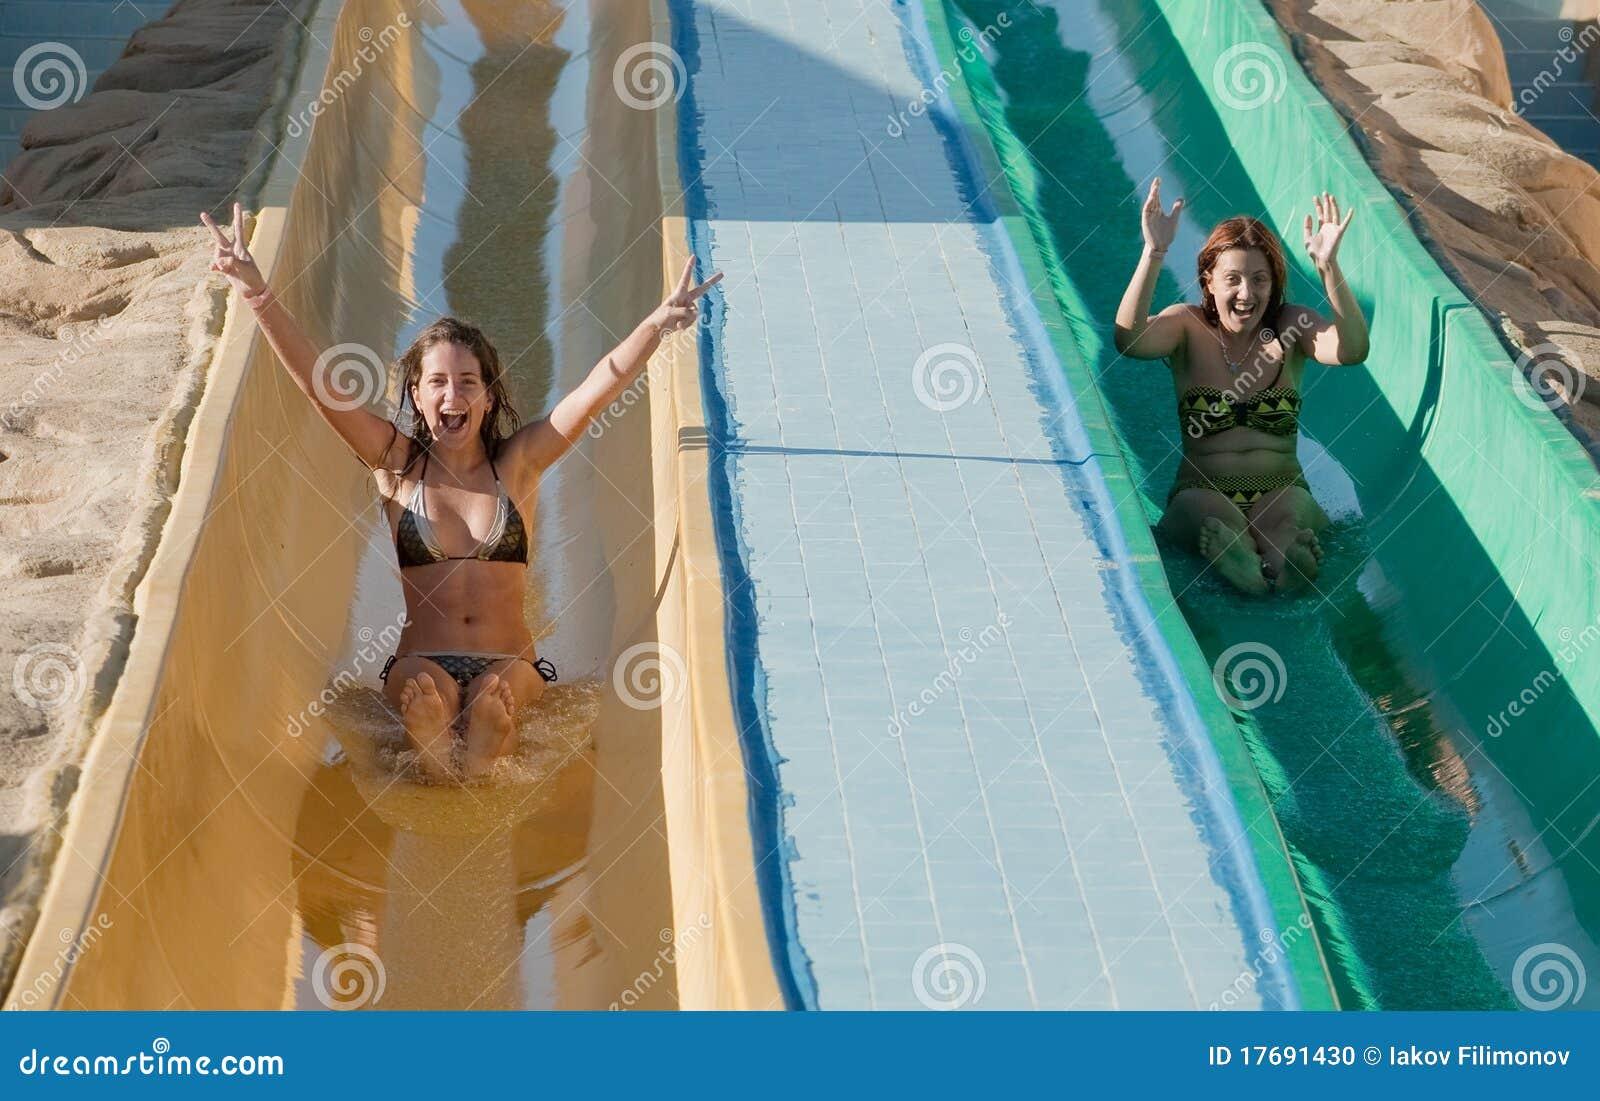 women losing bikini while sliding